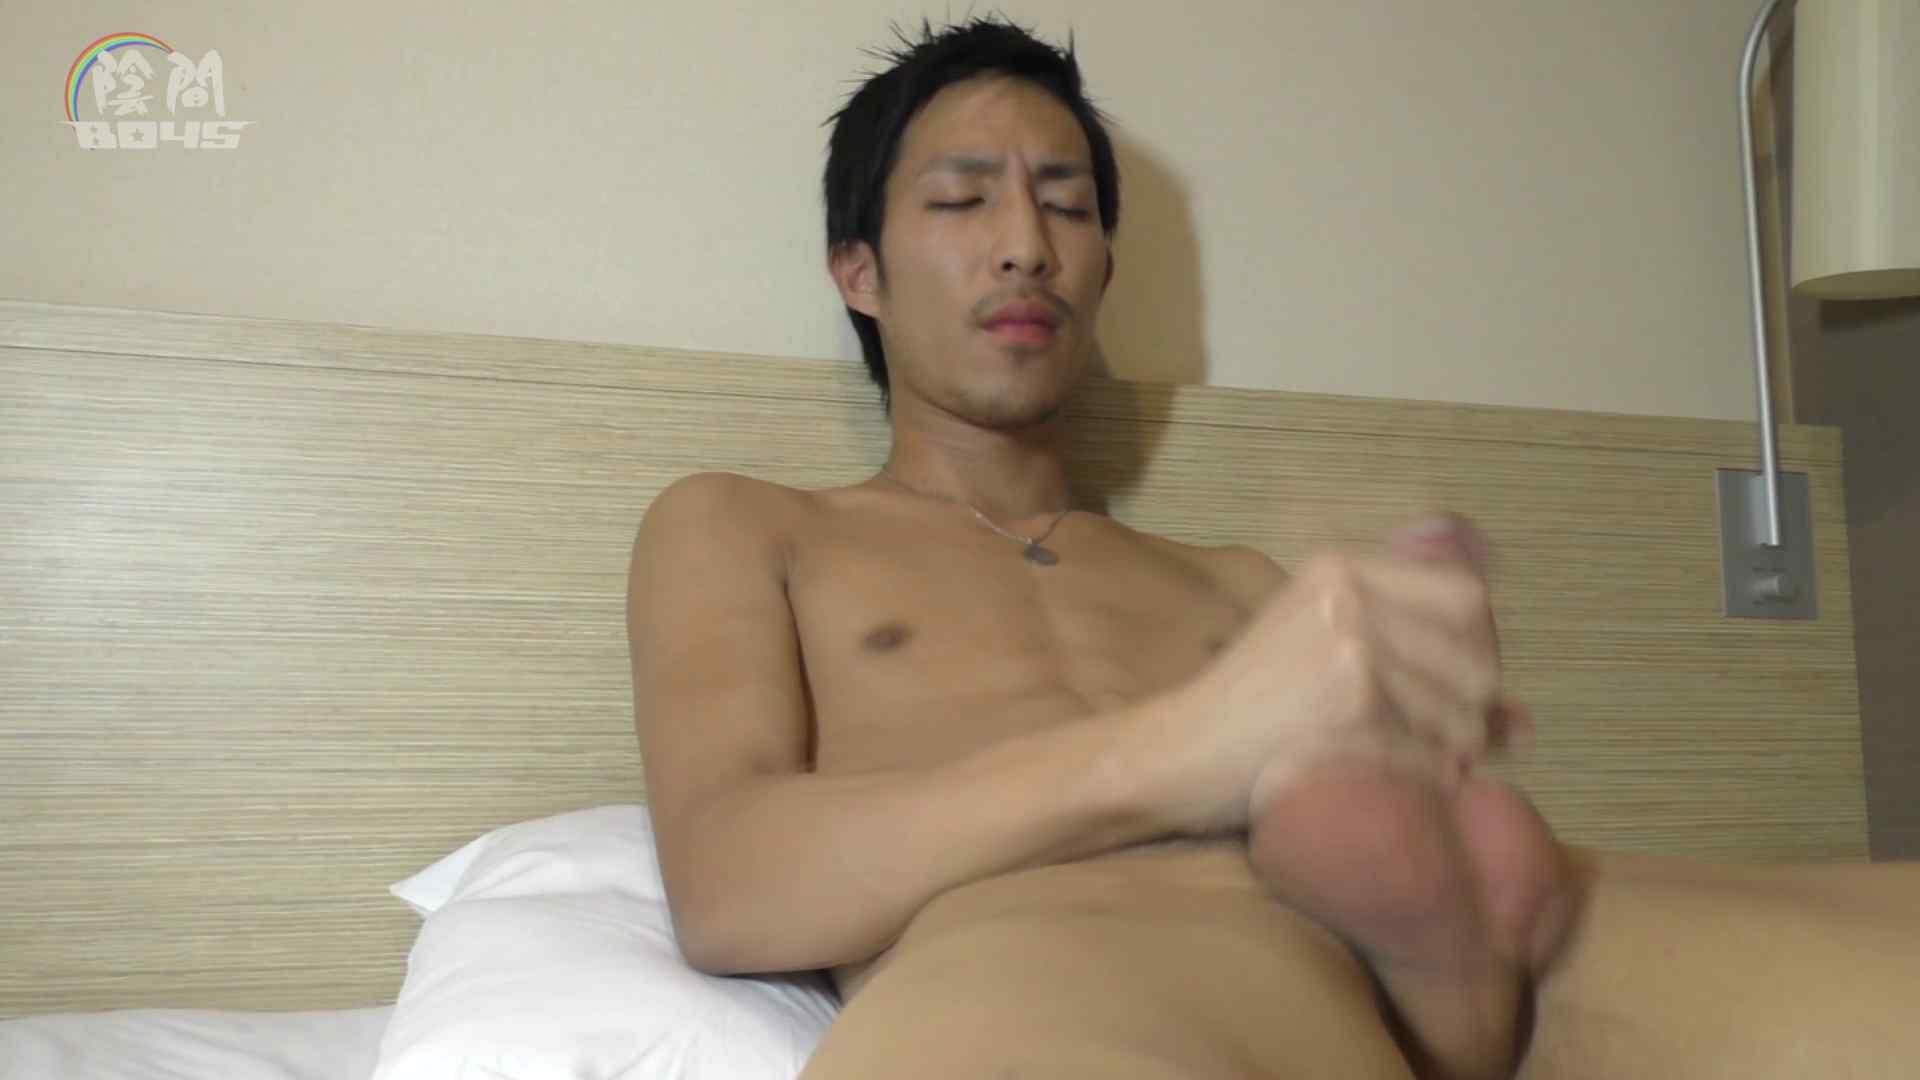 陰間BOYS~「アナルだけは許して…3」~01 ザーメン ゲイ無修正動画画像 56pic 51